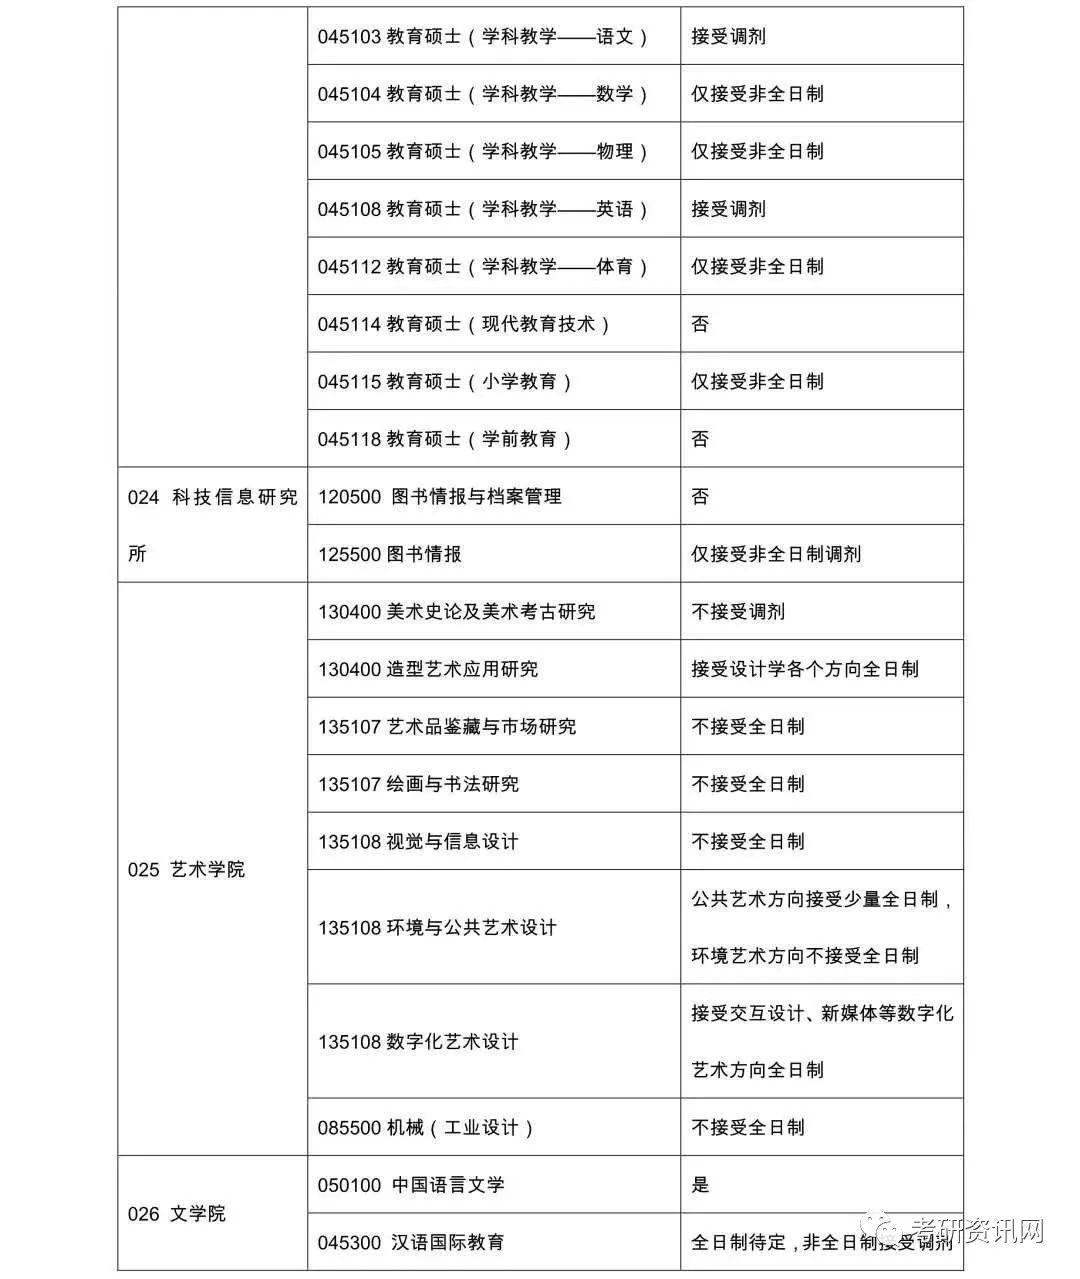 沈阳医学院微信公众号_考研派